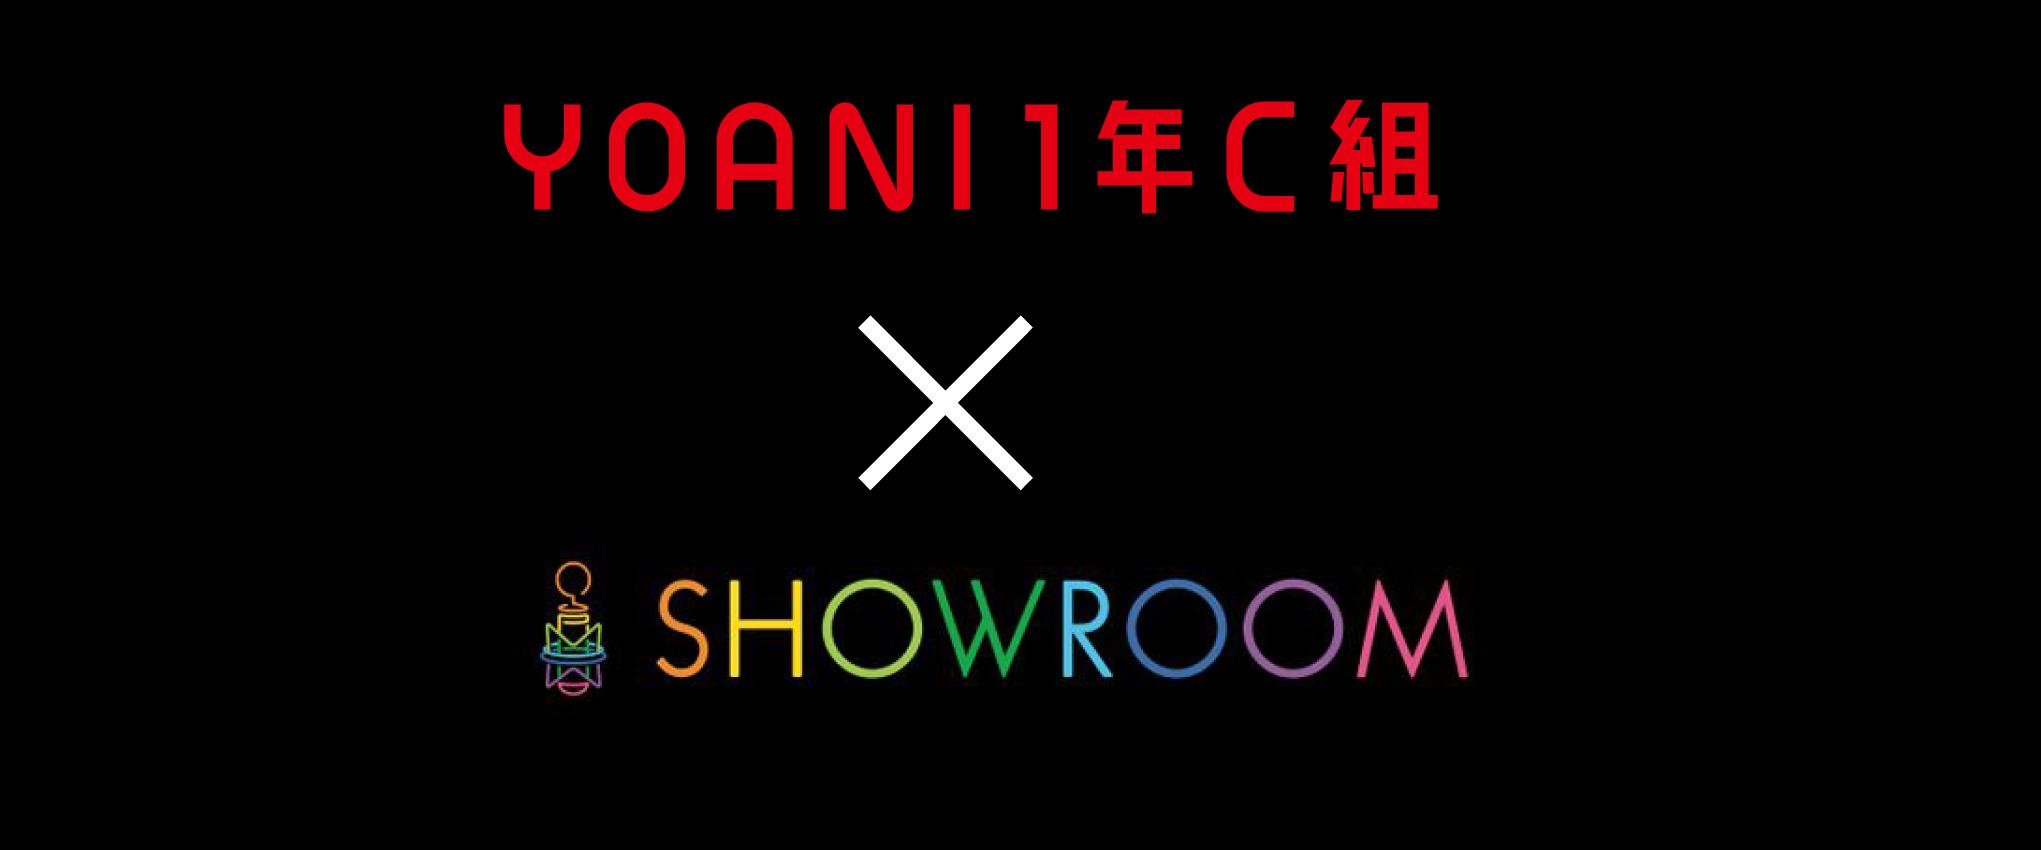 YOANI1年C組 SHOWROOM